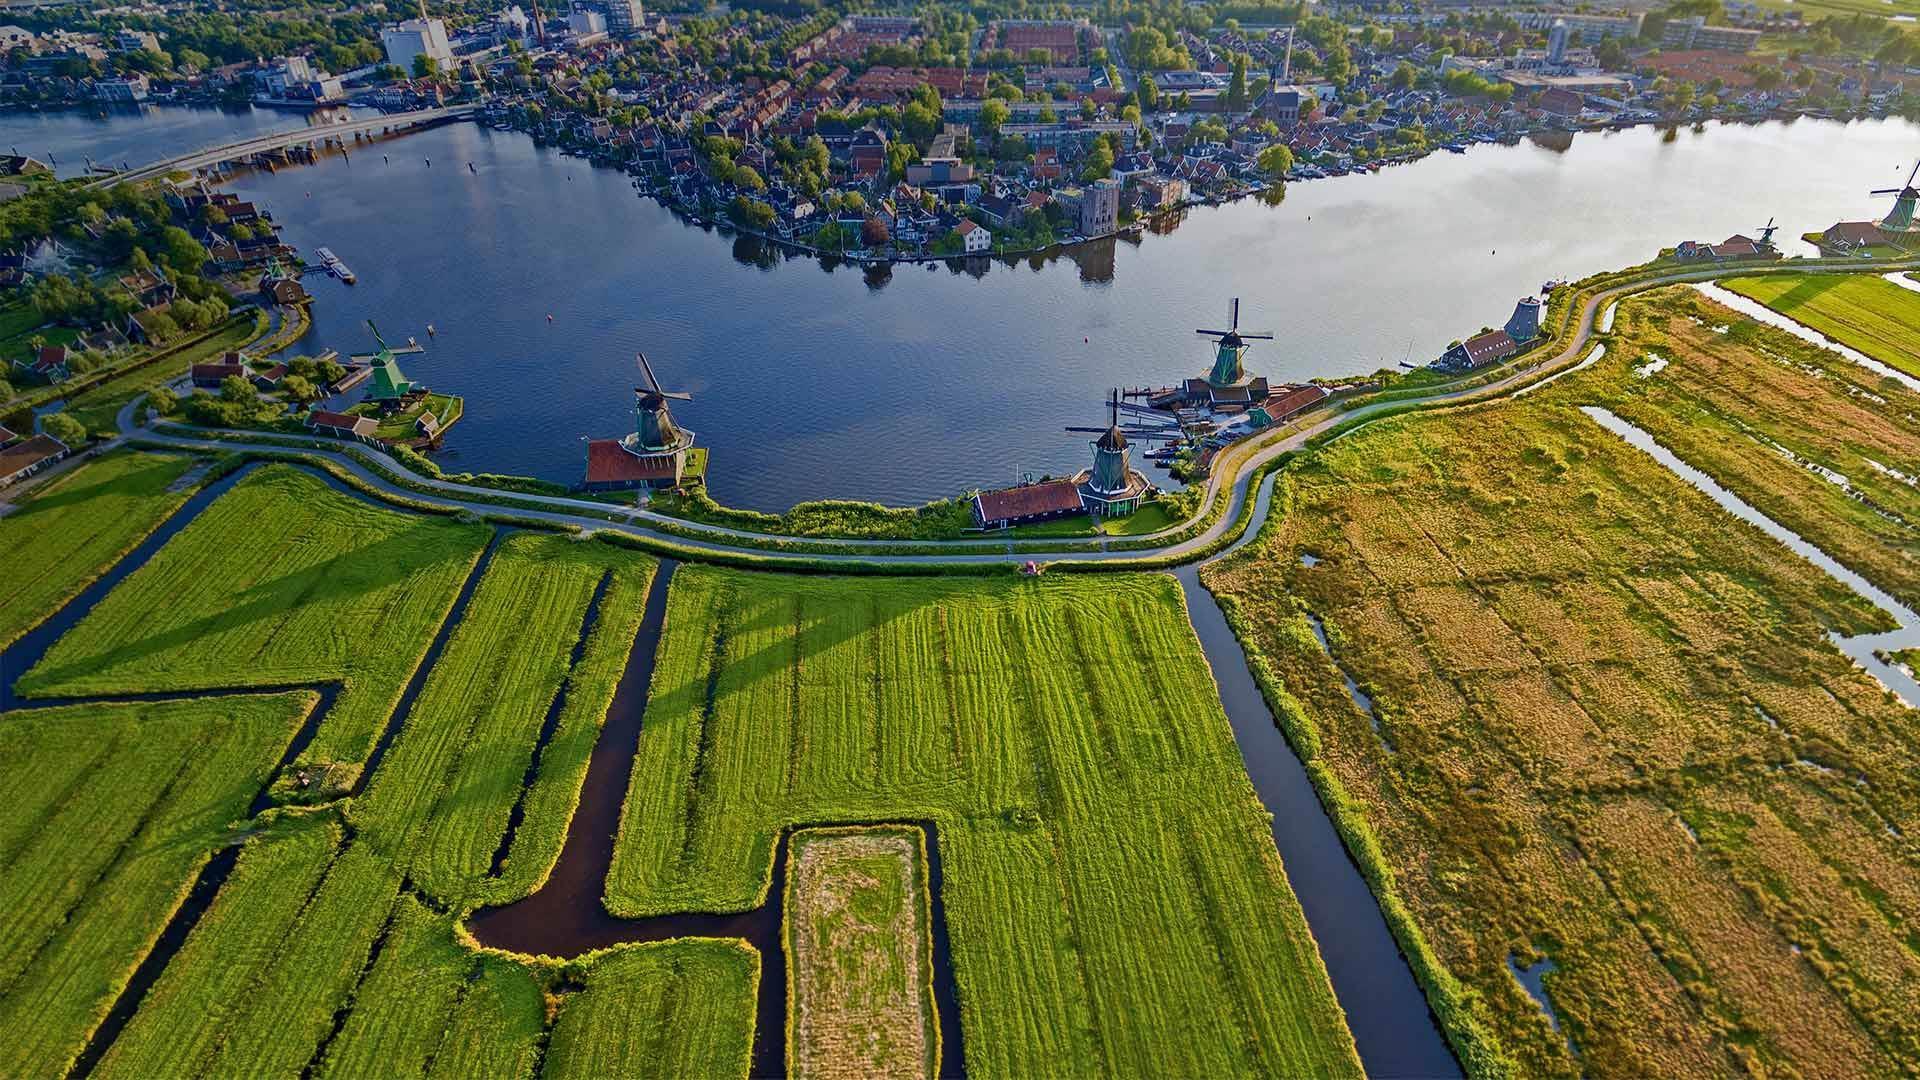 荷兰阿姆斯特丹附近赞瑟斯汉斯村里古老的风车